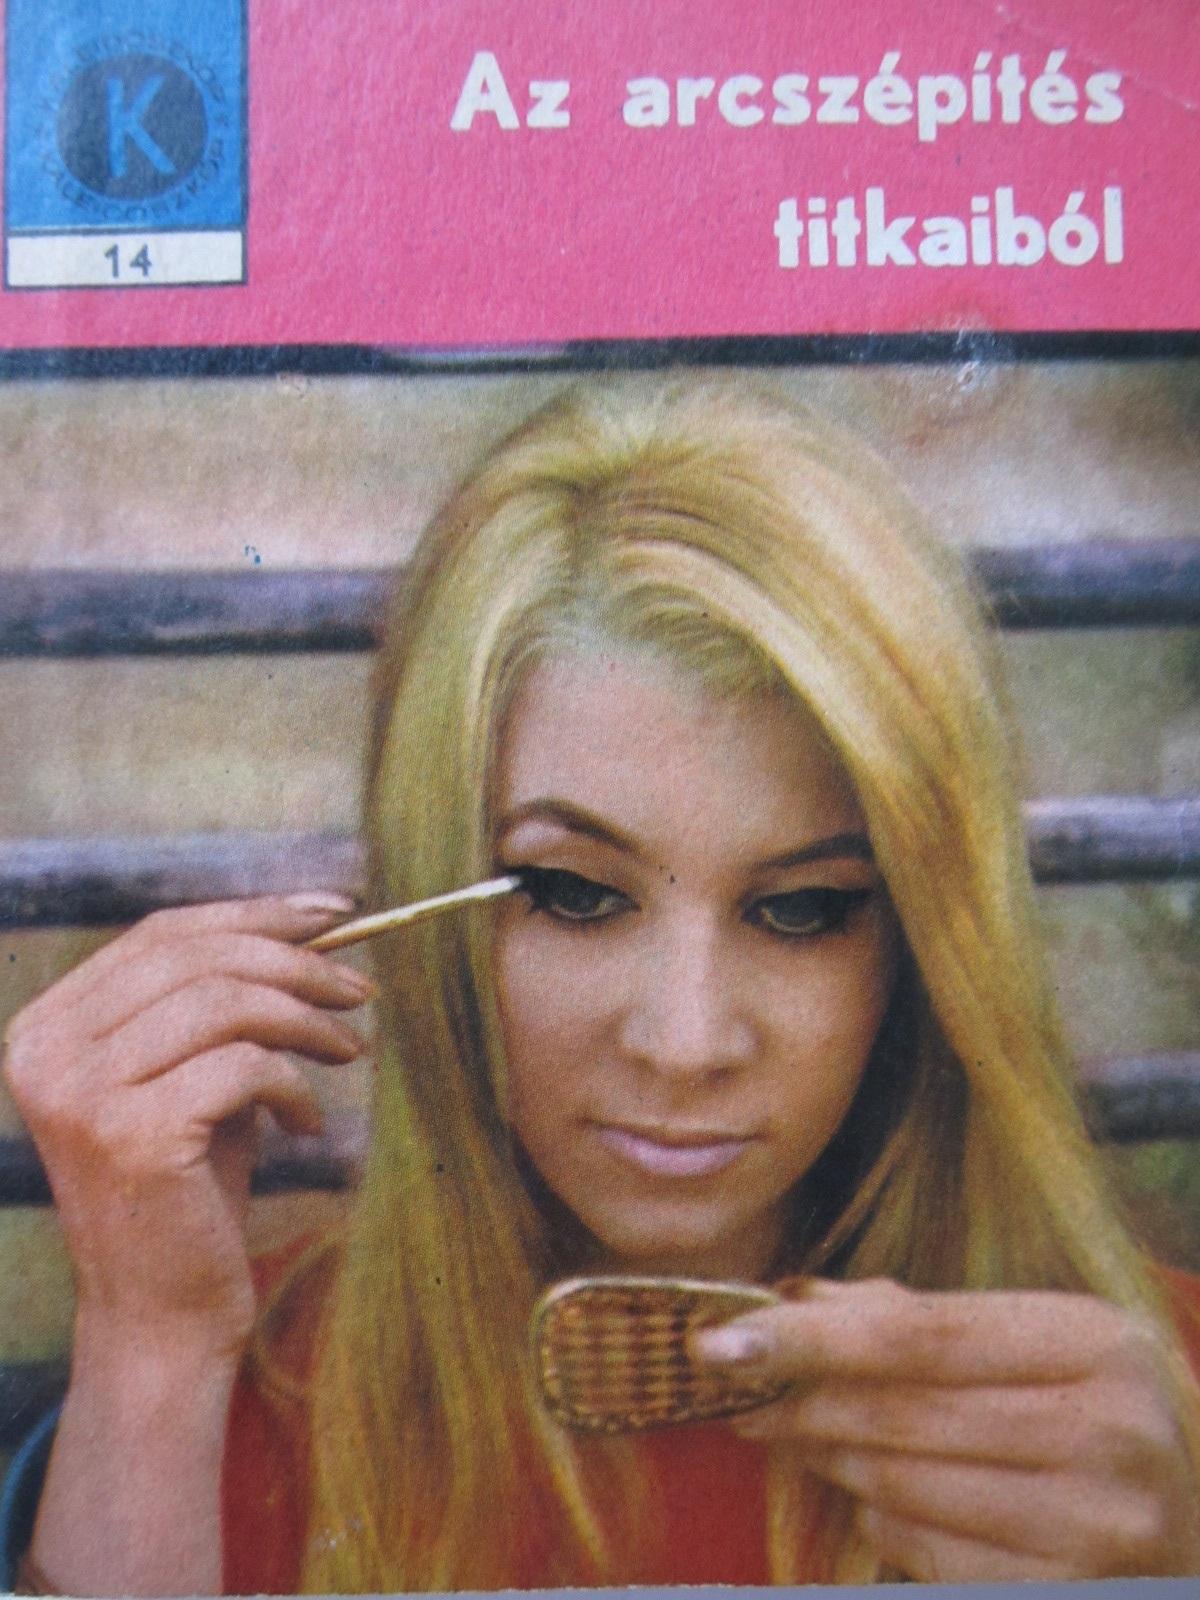 Az arcszepites titkaibol (14) - Olga Tuduri | Detalii carte